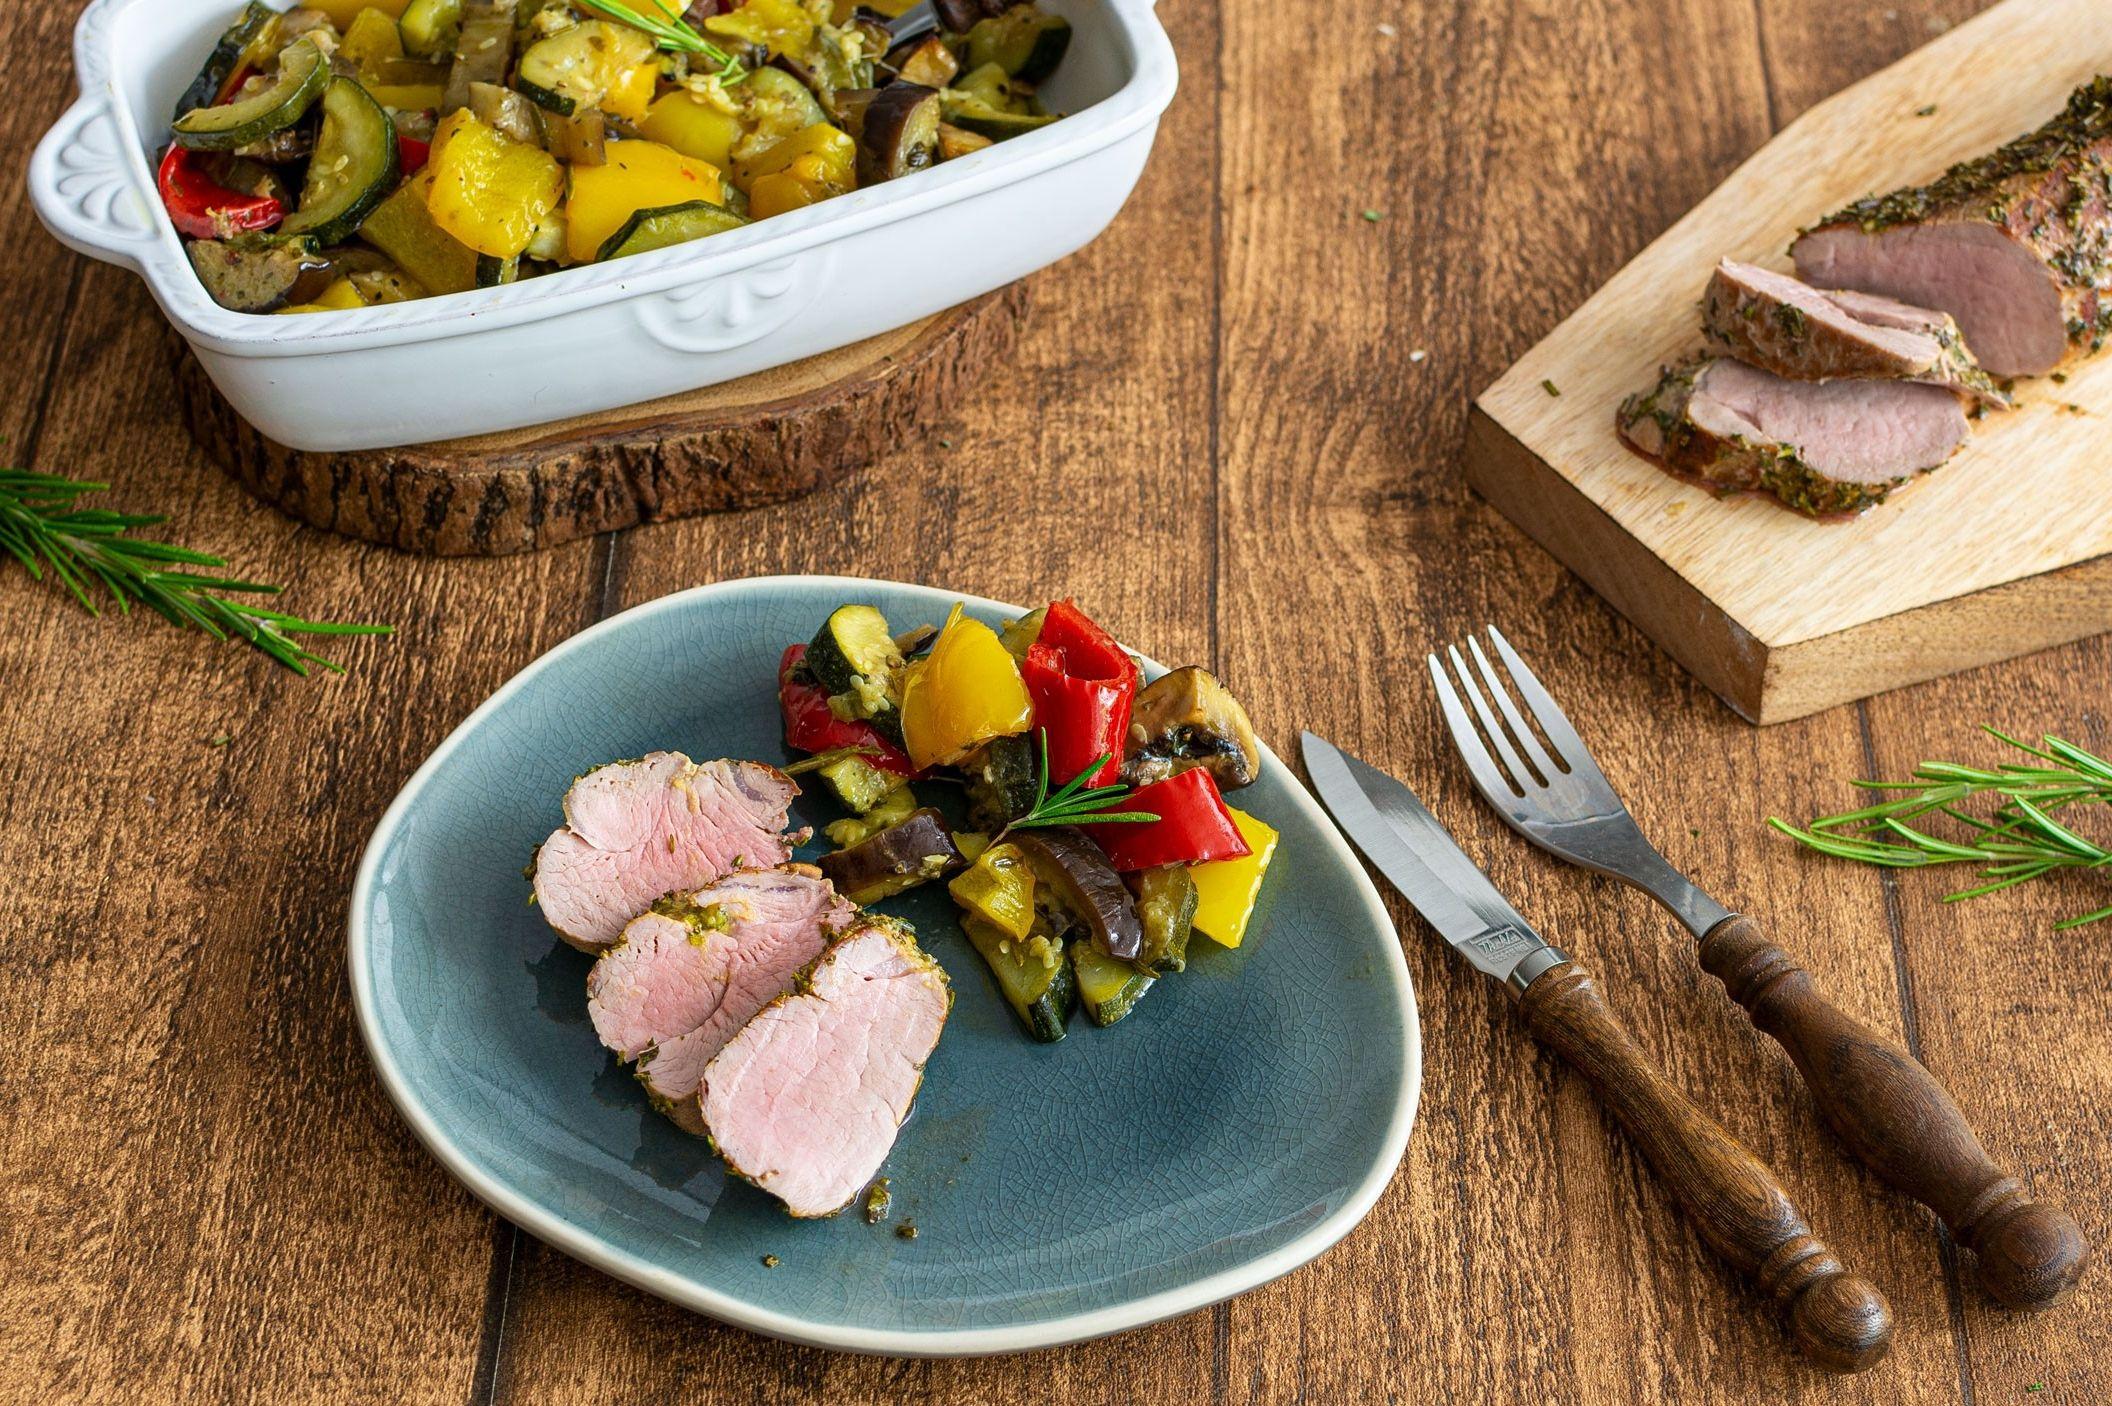 Schweinefilet Im Krautermantel Mit Antipasti Rezepte Kochen Backen Getranke Lieblingskuche Rezept Schweine Filet Schweinefilet Kulinarisch